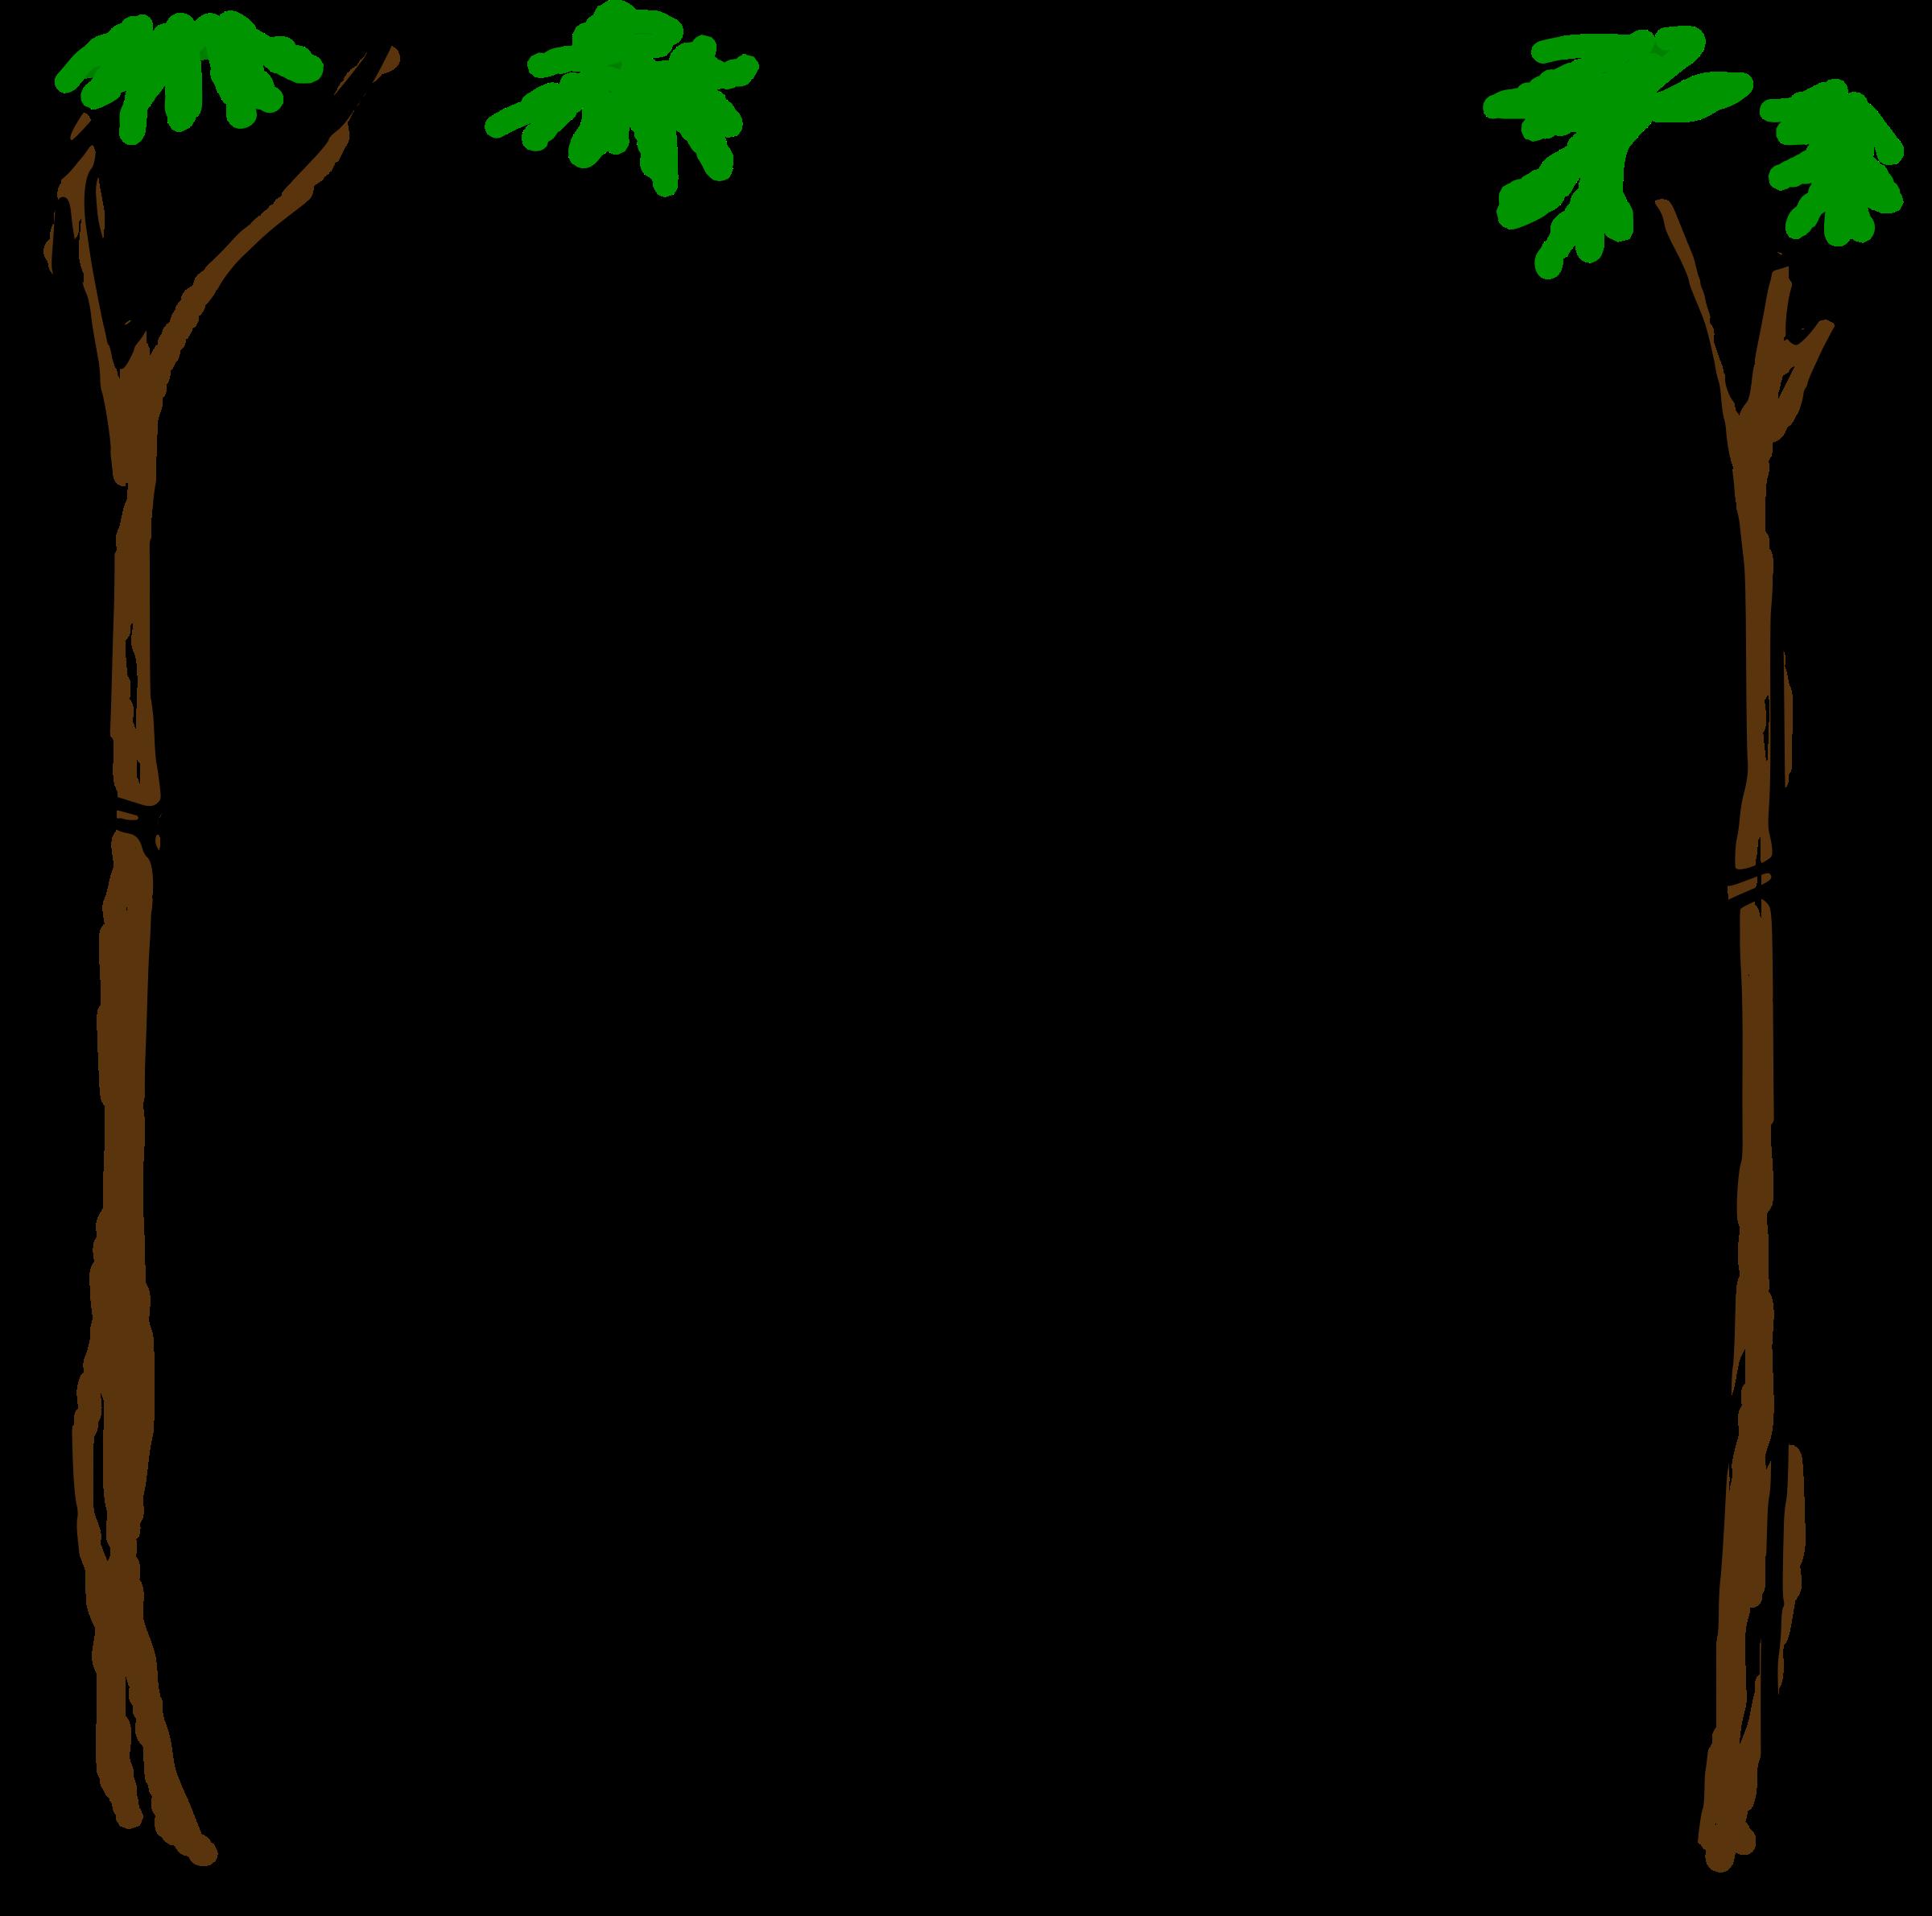 free clipart hammock cartoon - photo #37